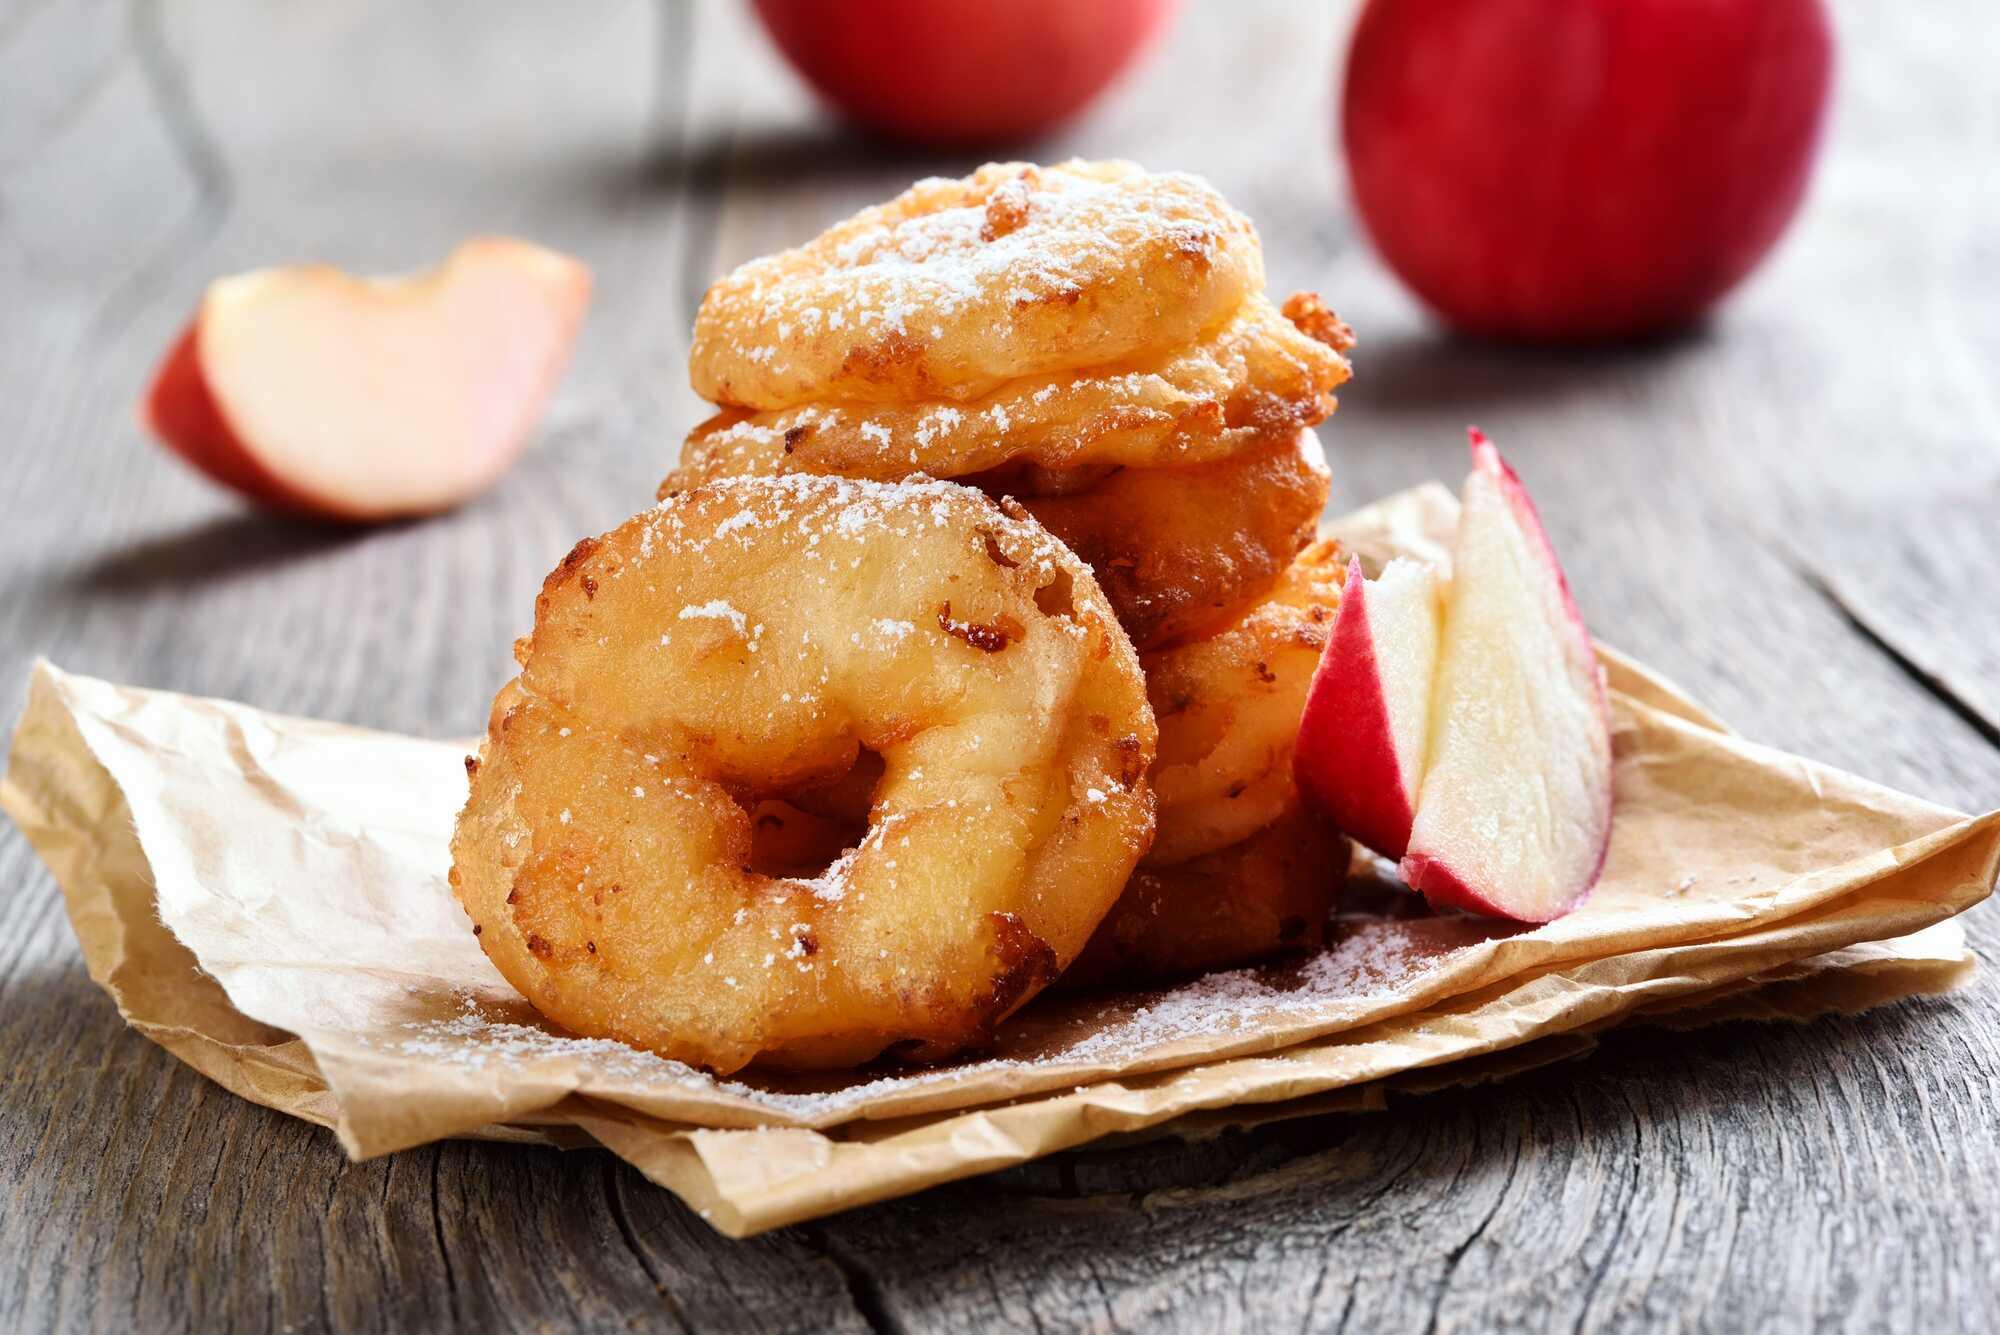 Quelques donuts reconnaissables avec leur trou au centre sont posés sur un sac en papier. Deux belles pommes rouges sont visibles également.